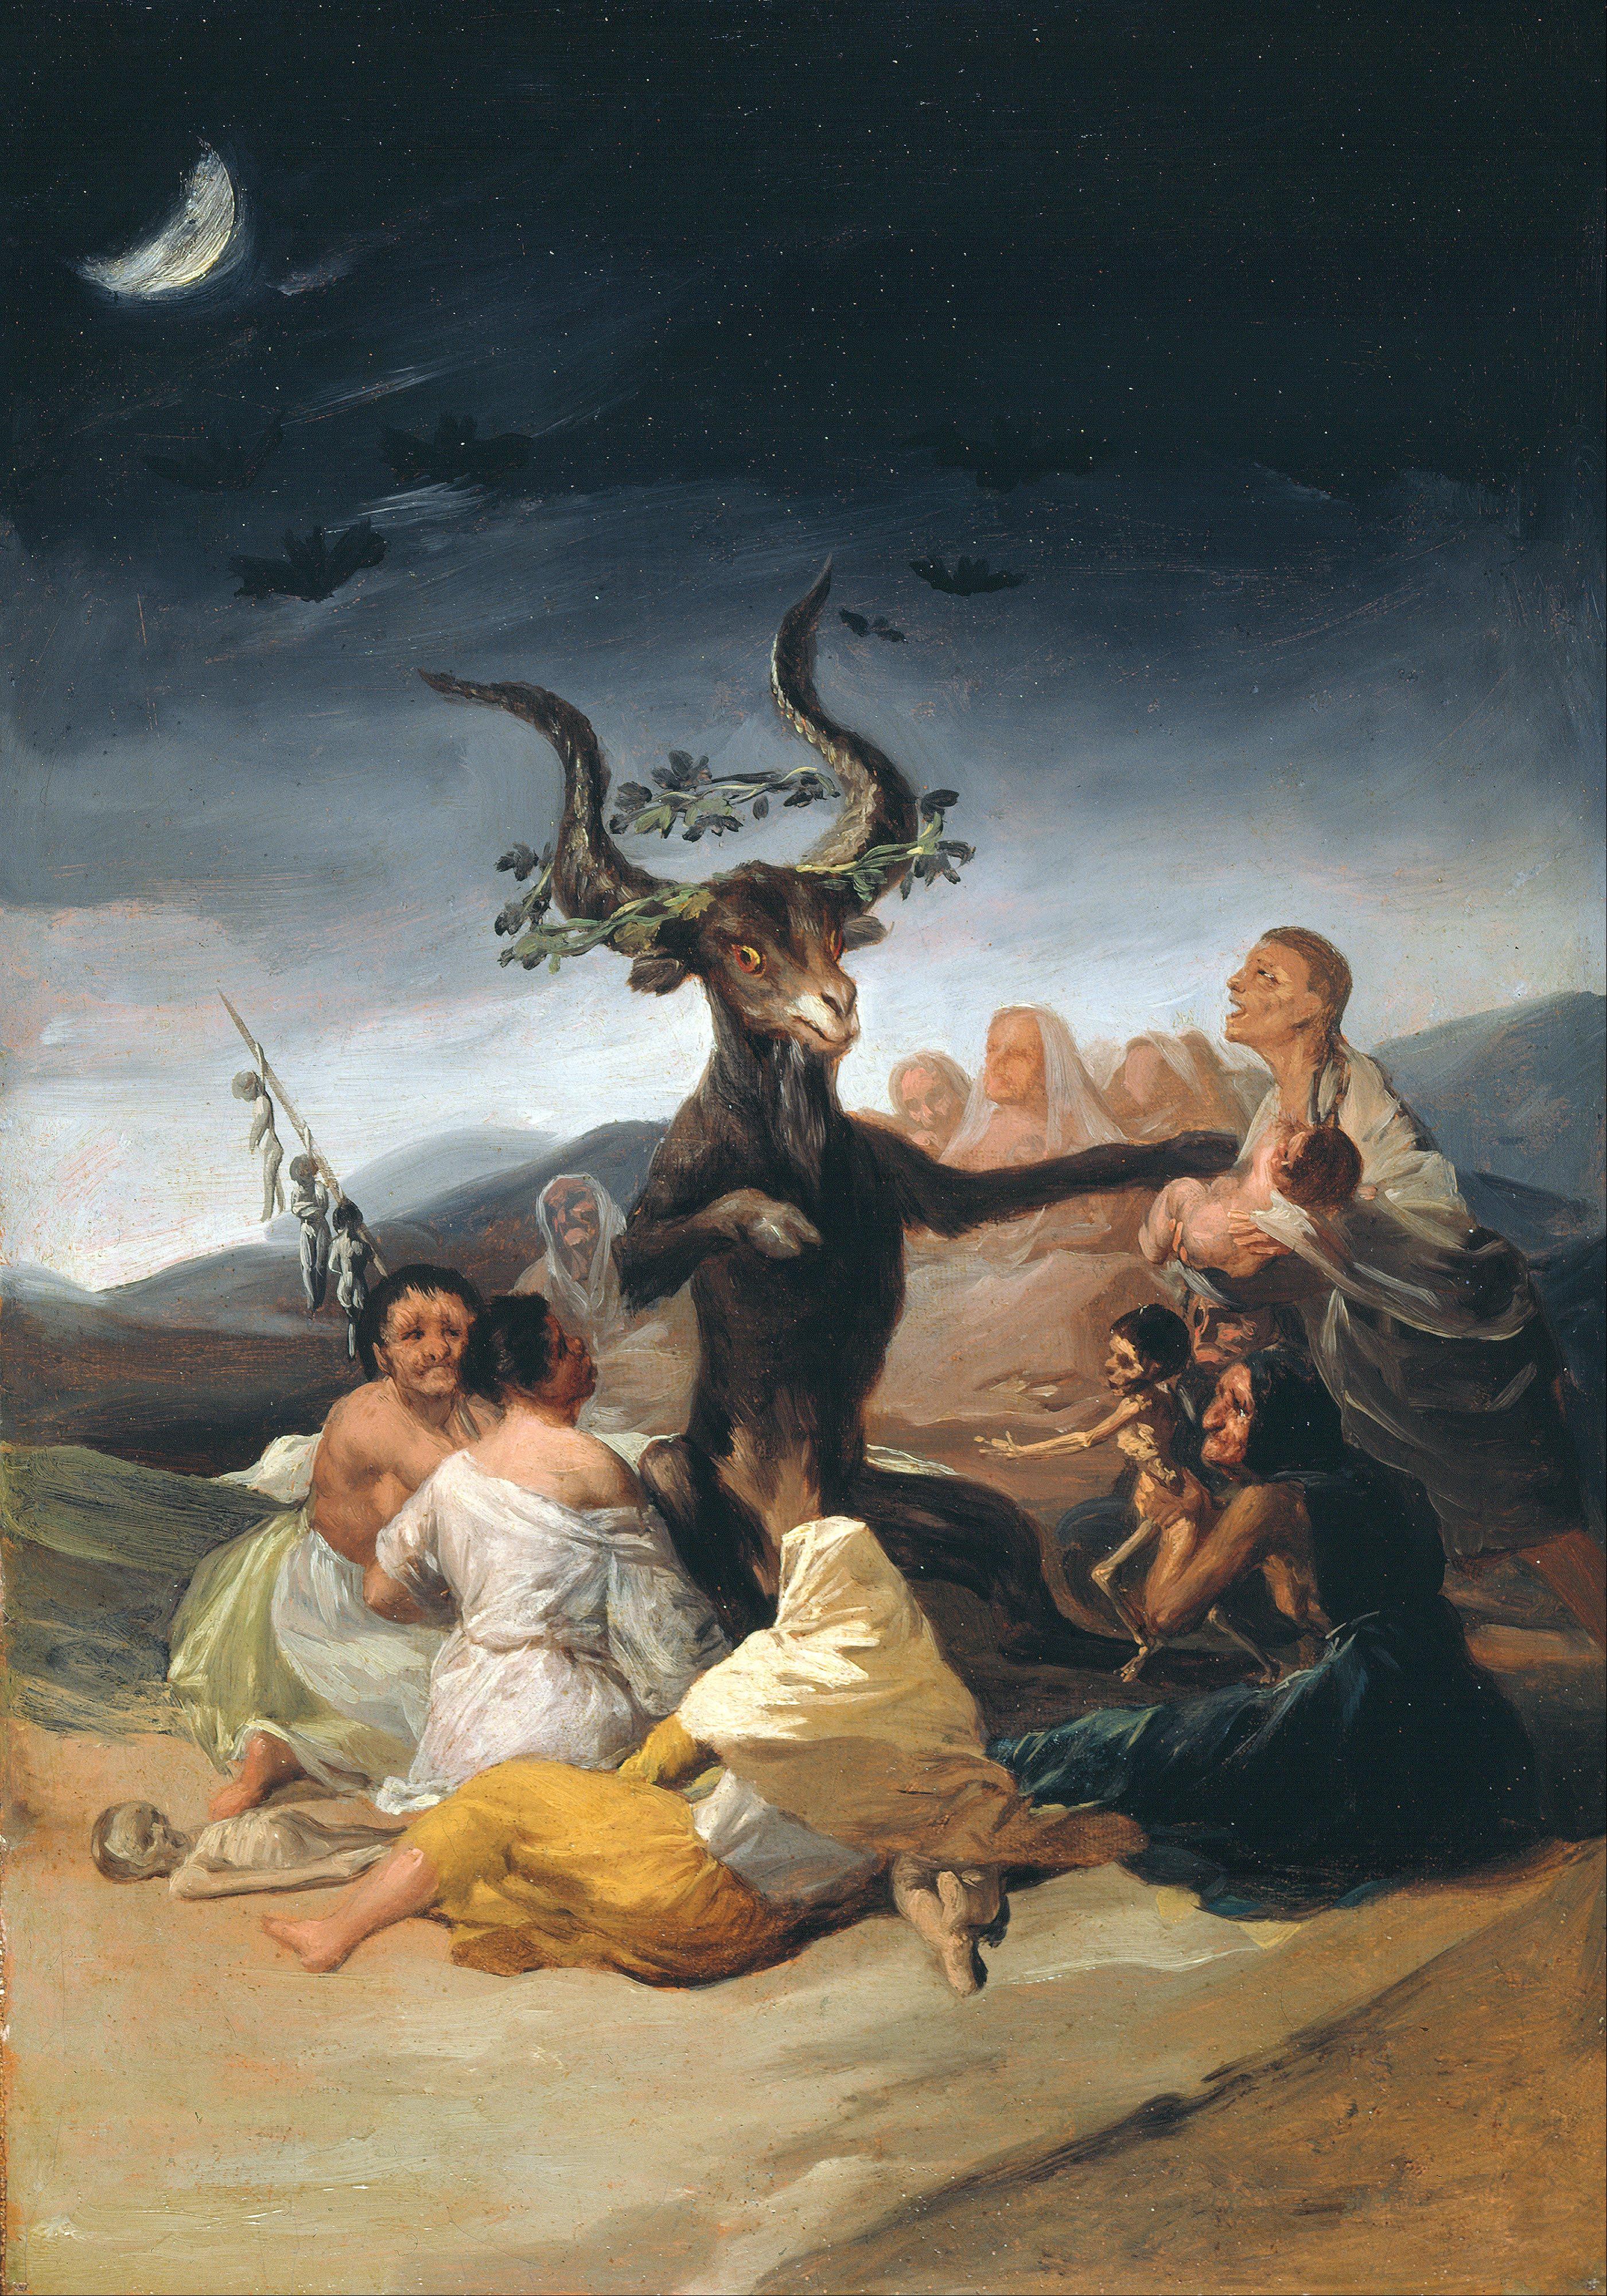 Goya - Witch's Sabbath - 1798